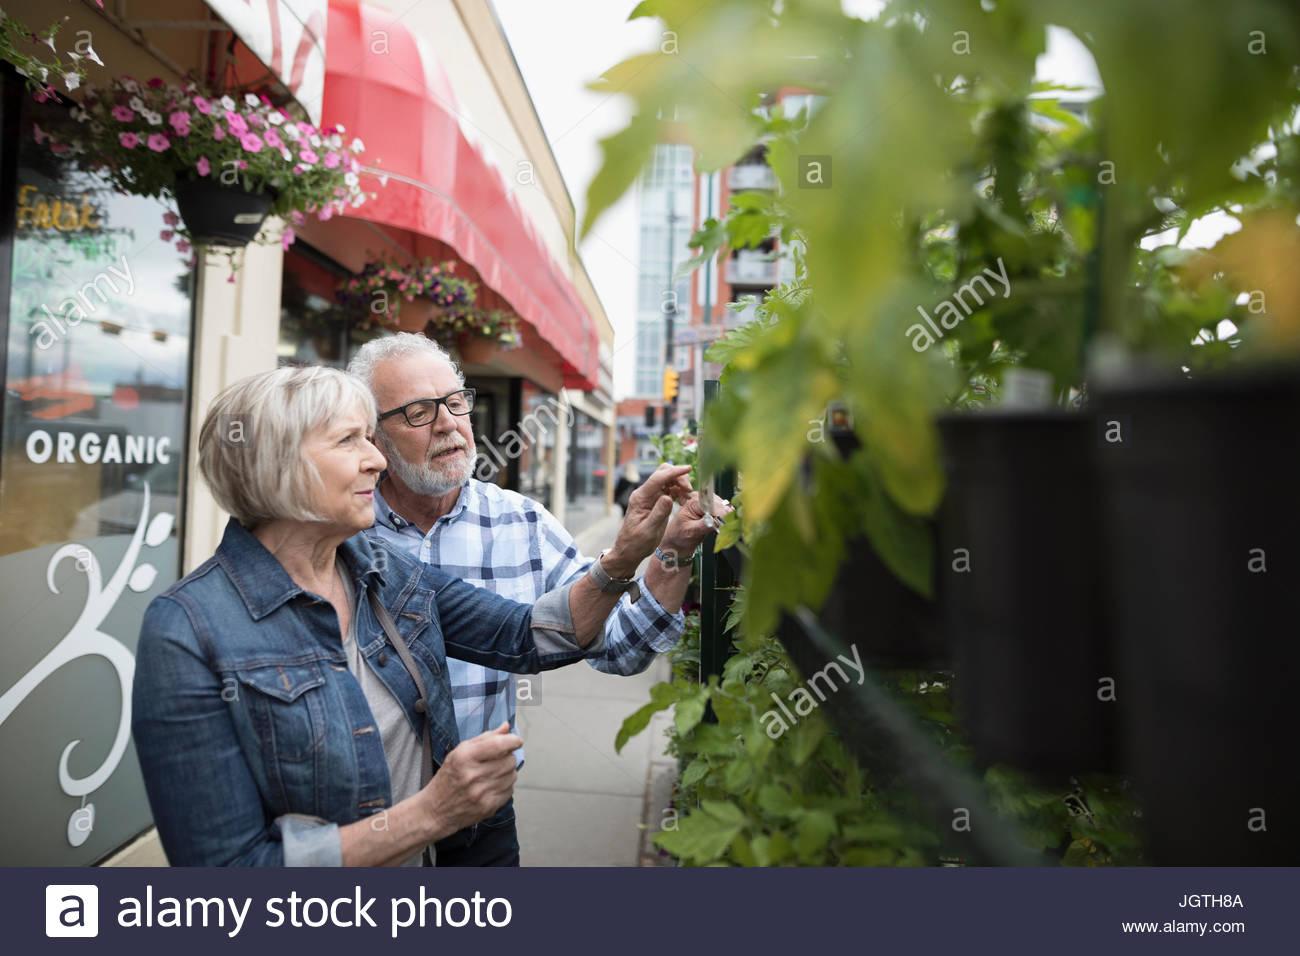 Pareja Senior para compras de plantas en el escaparate urbano acera Imagen De Stock